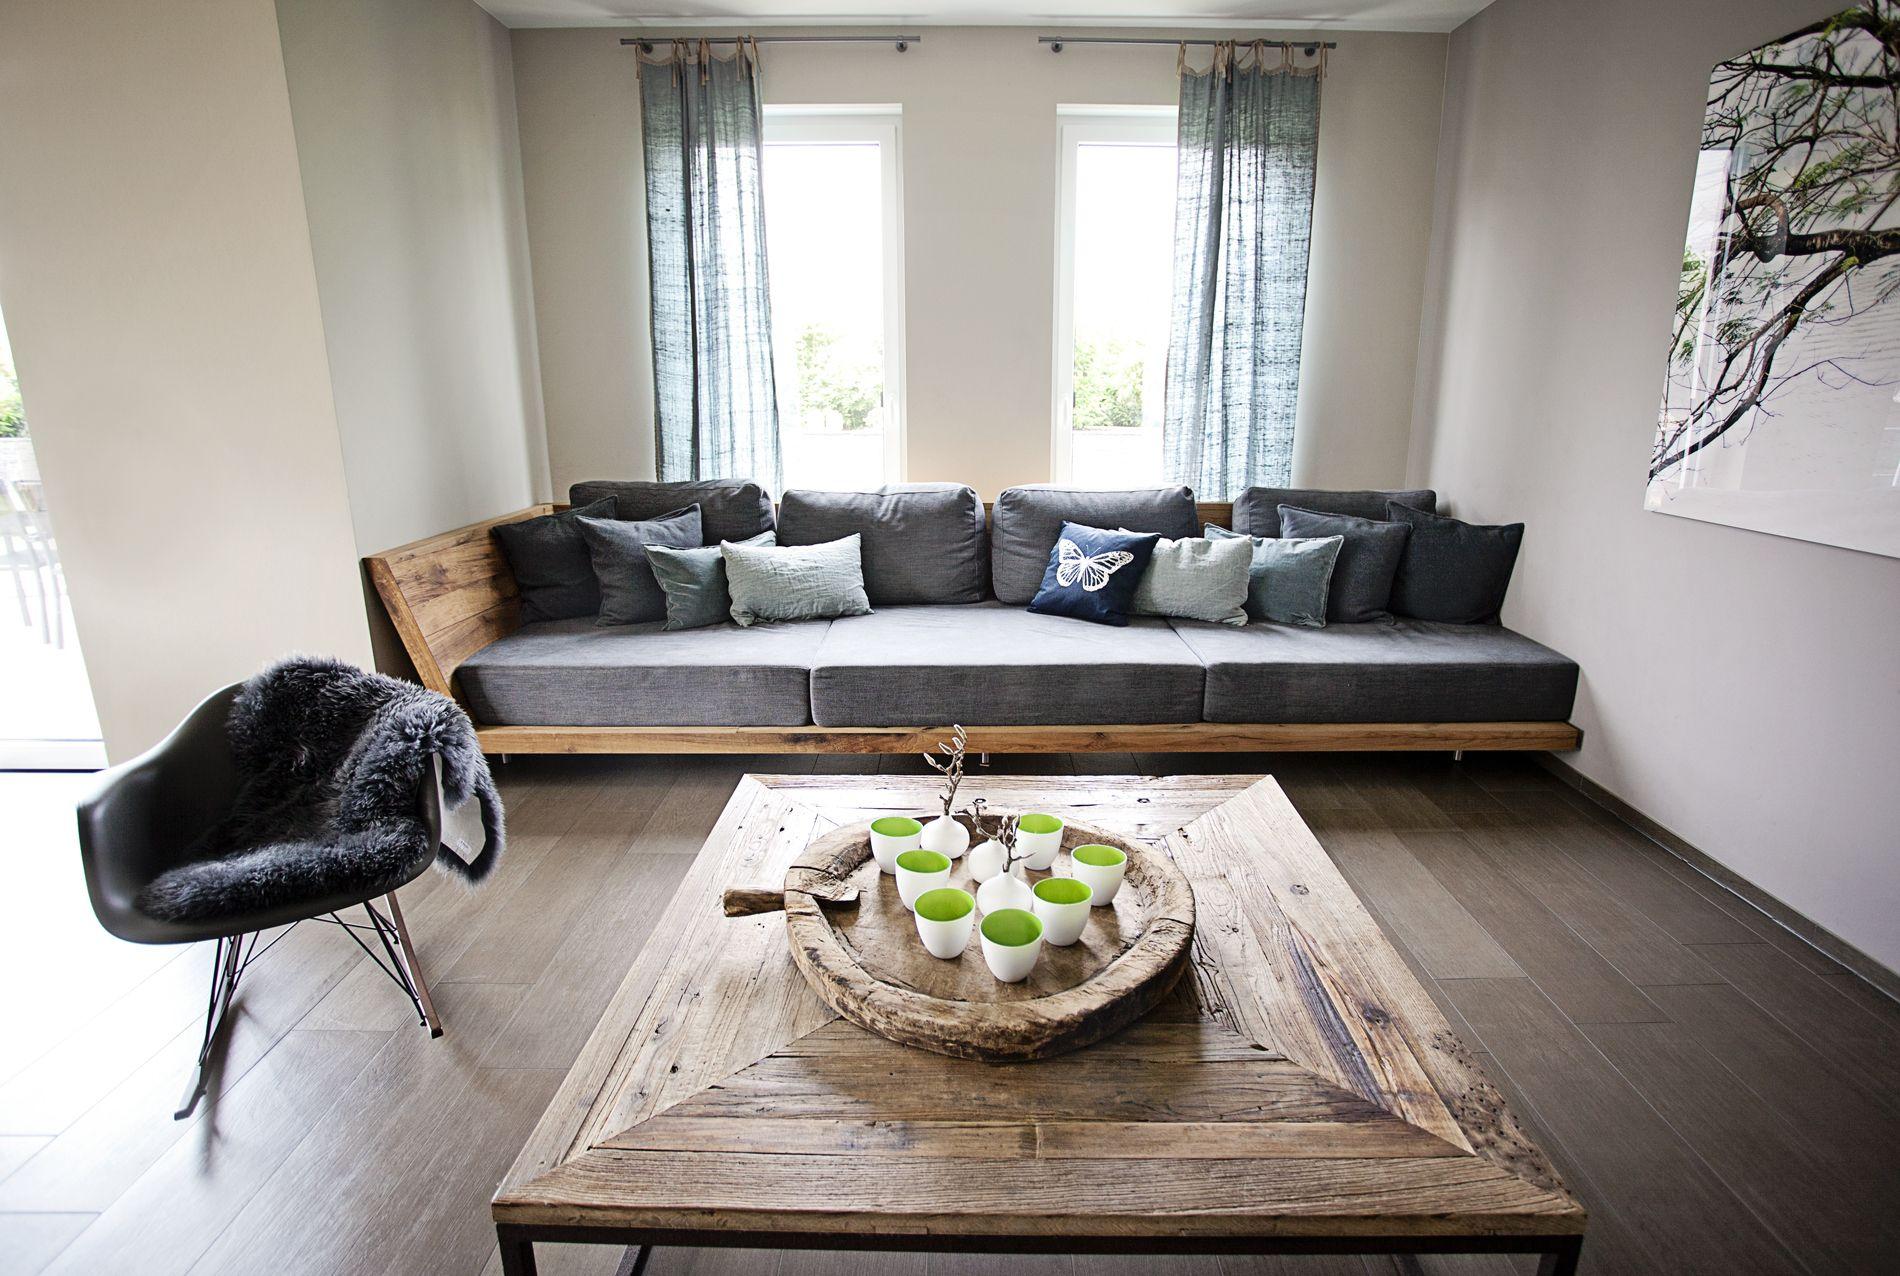 Liegewiese ☺️ | Sofa selber bauen, Couch selber bauen